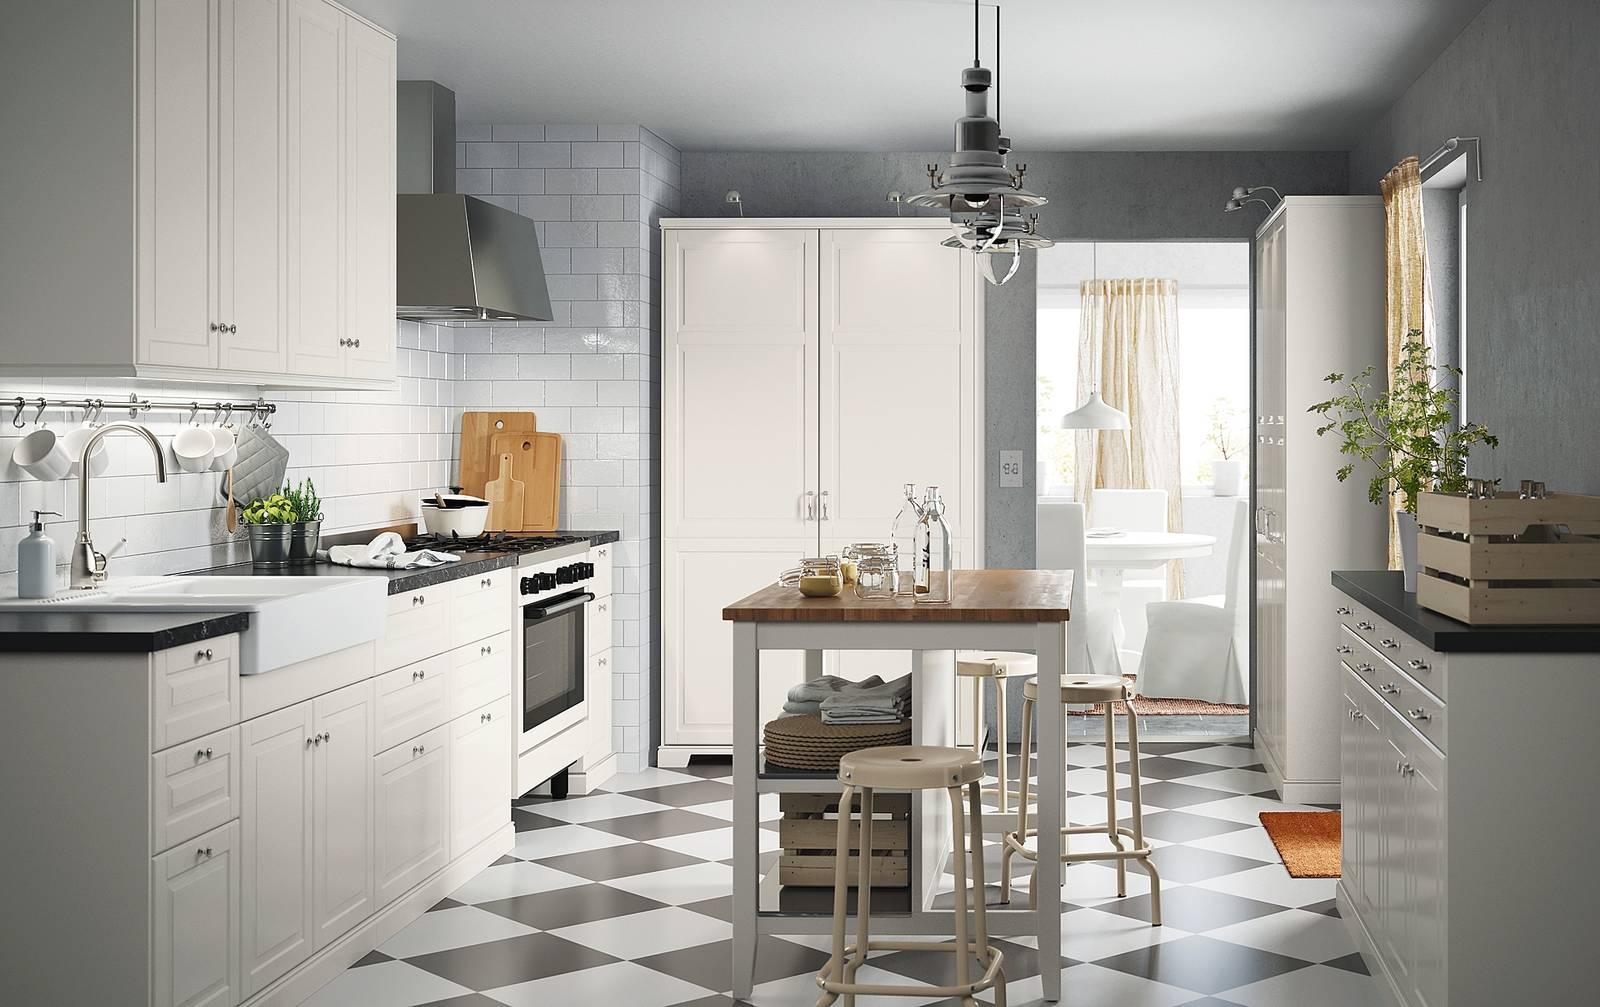 Ambienti Ikea Cucina progetti: 3 modi di vivere la cucina. open space